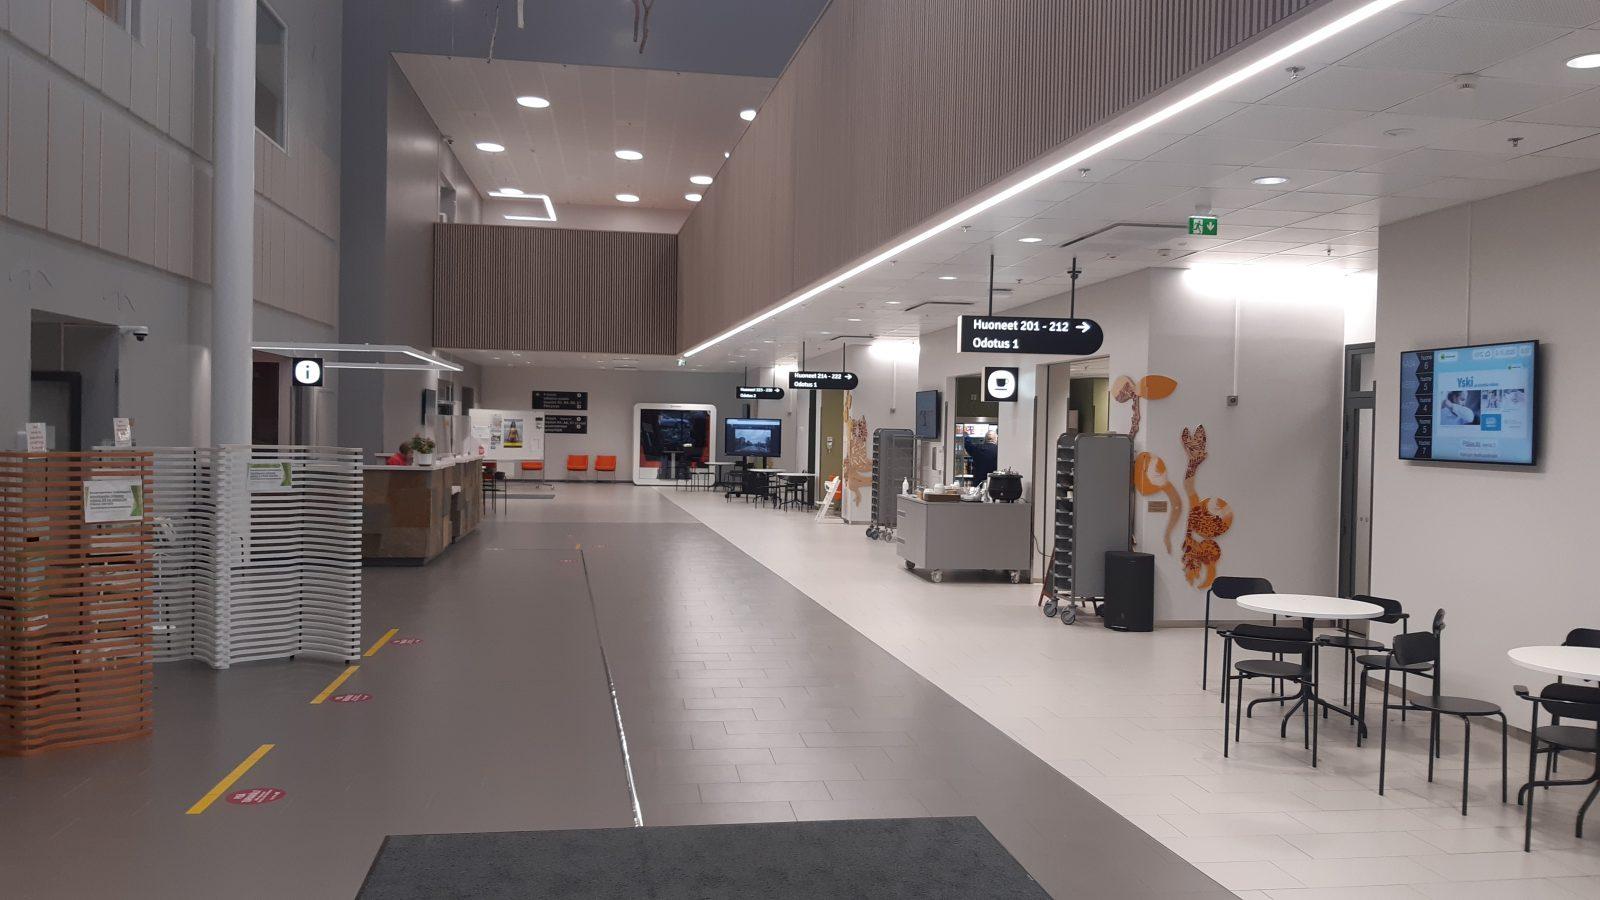 Kainuun soten uuden sairaalan pääsisäänkäynti